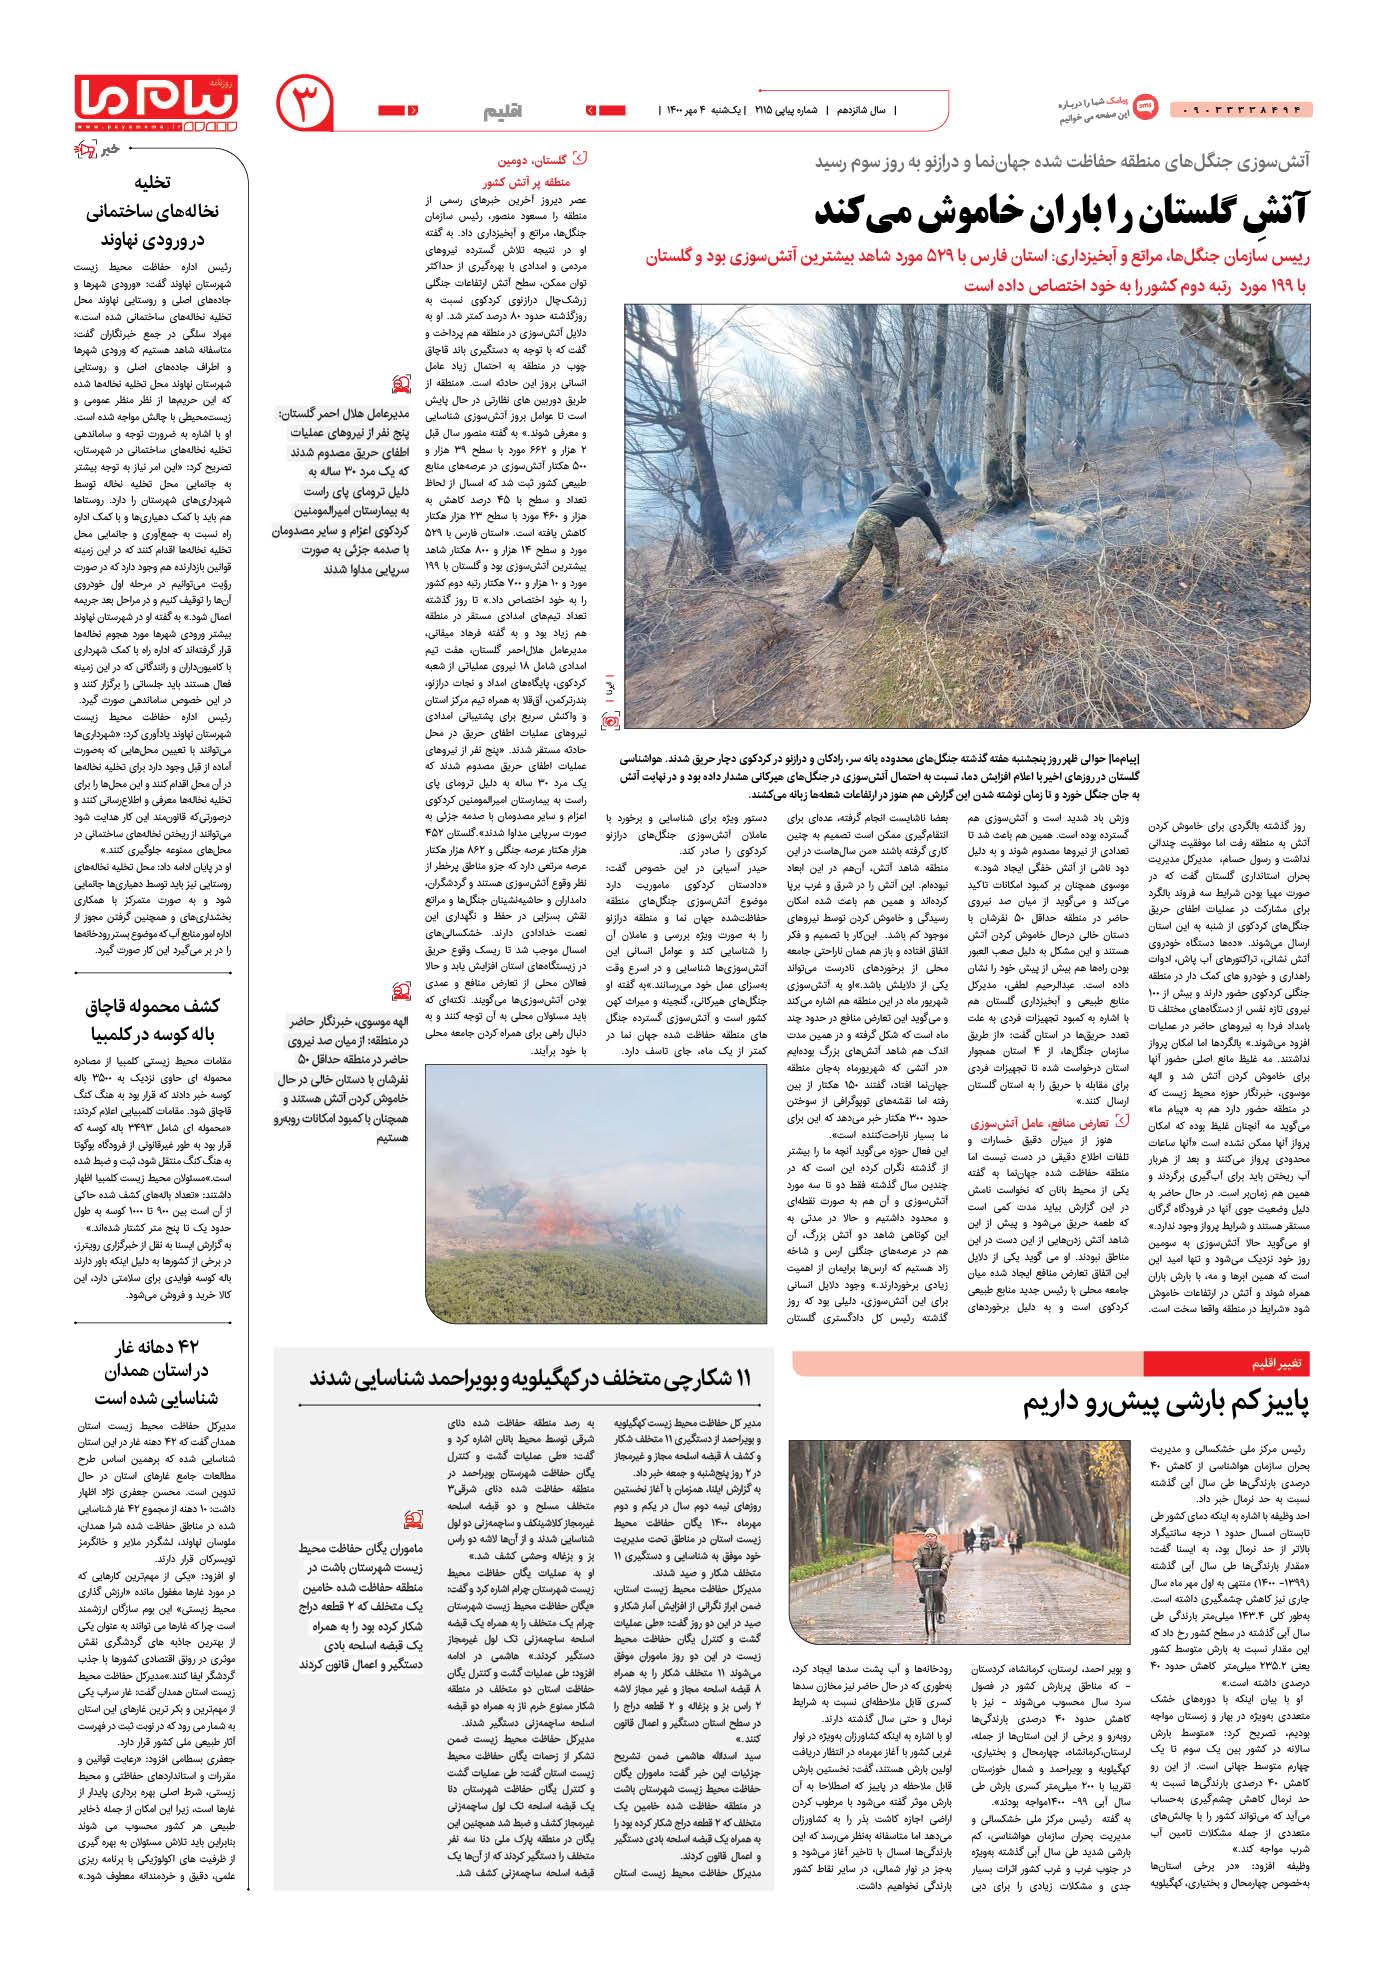 صفحه اقلیم شماره 2115 روزنامه پیام ما